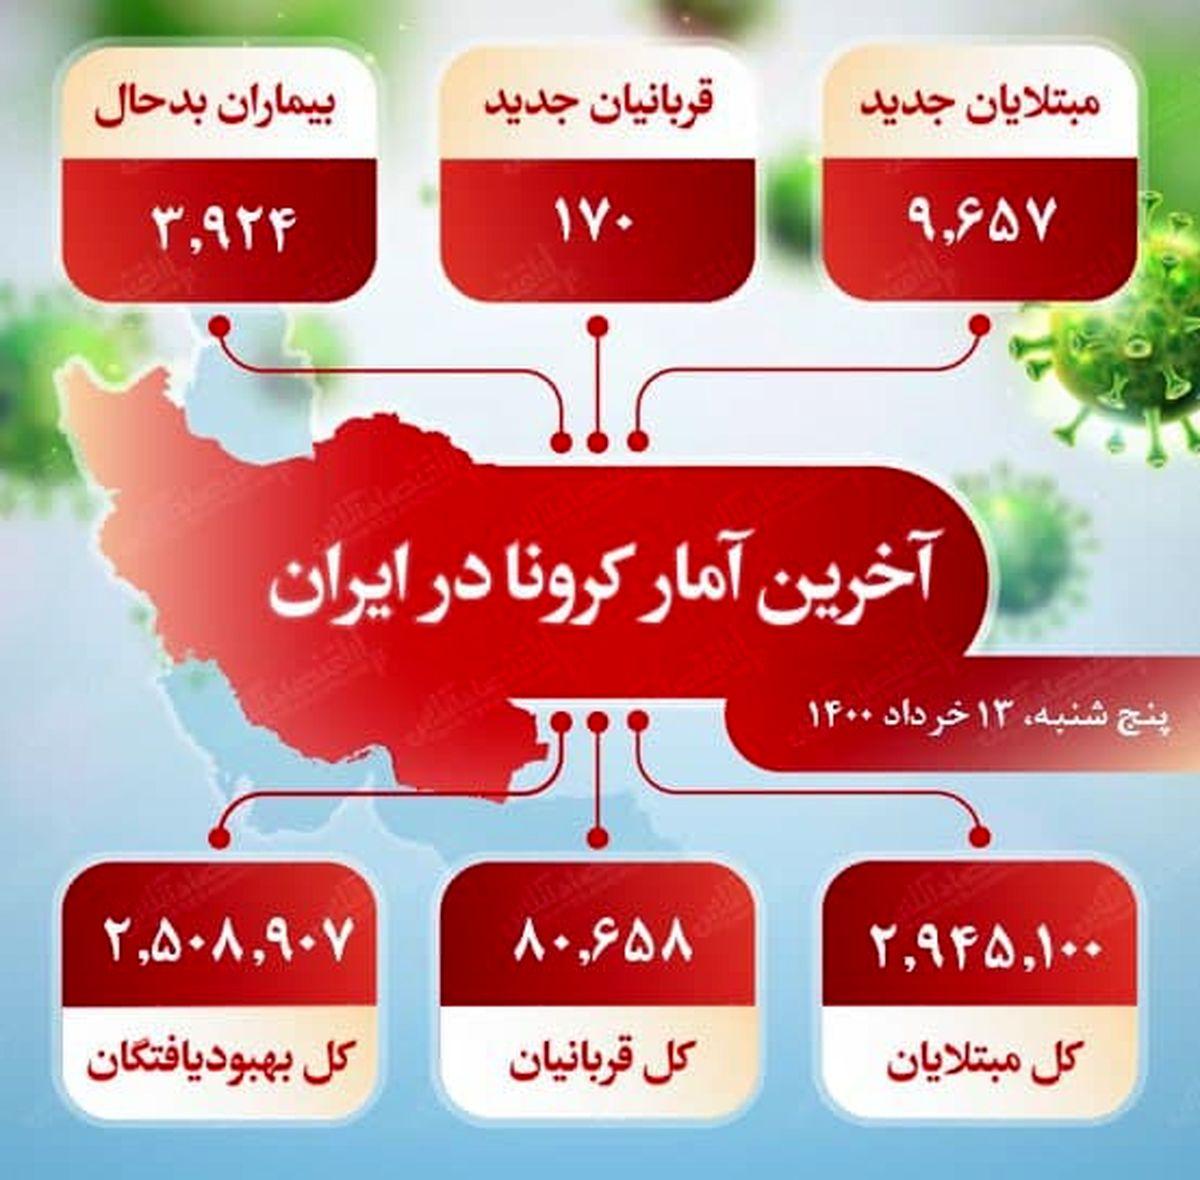 آخرین آمار کرونا در ایران (۱۴۰۰/۳/۱۳)